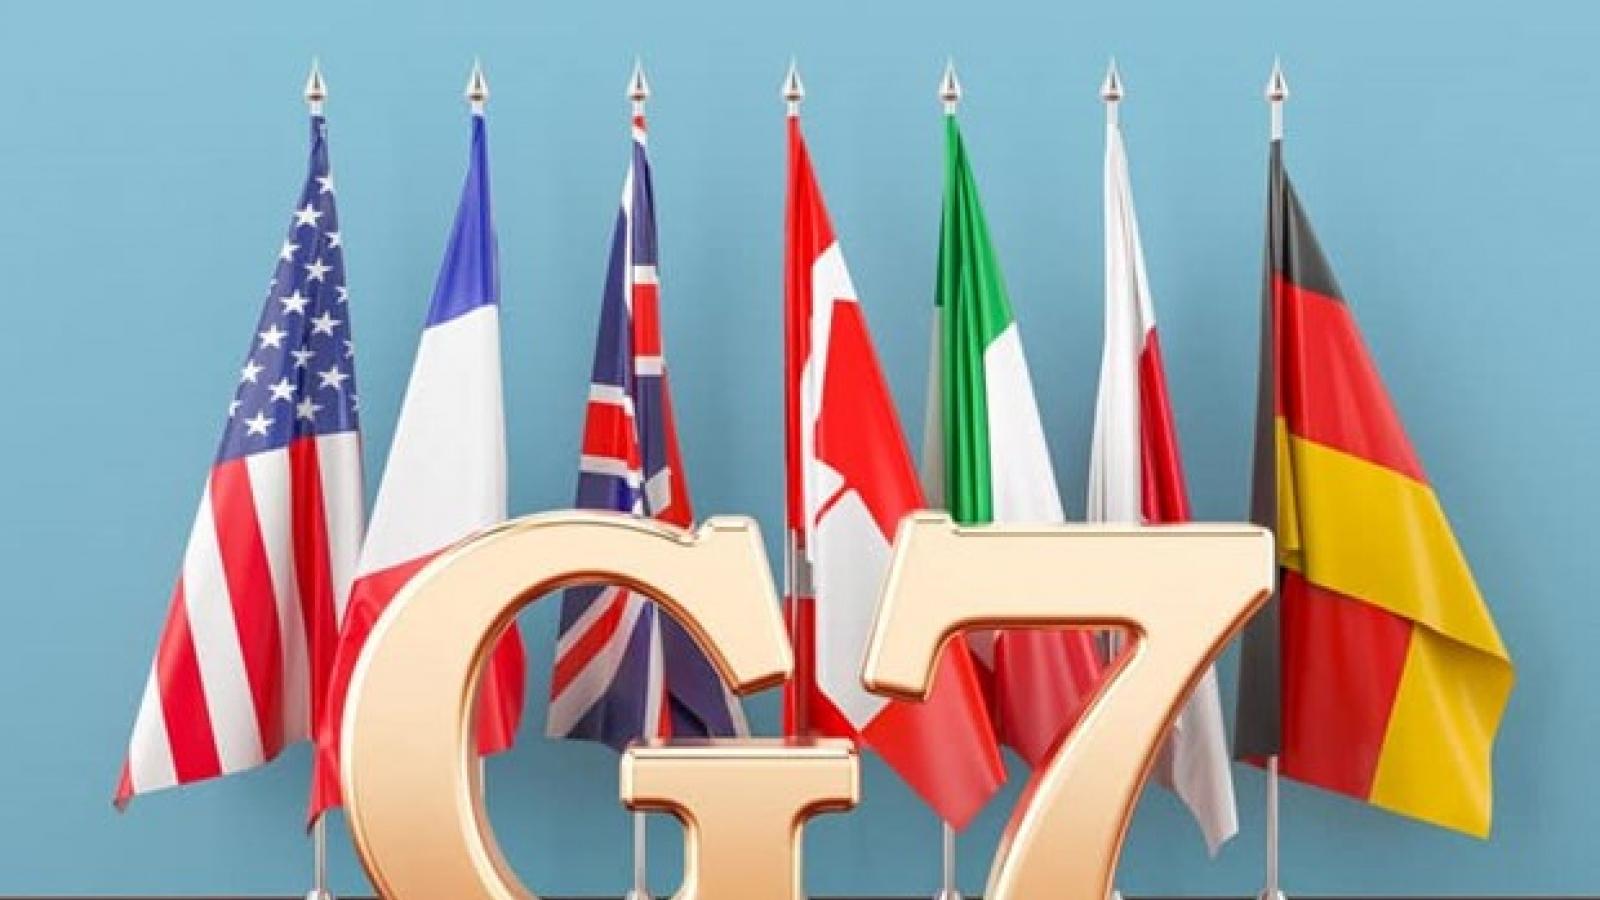 Bộ trưởng Tài chính G7 họp về tăng thuế đối với các tập đoàn công nghệ